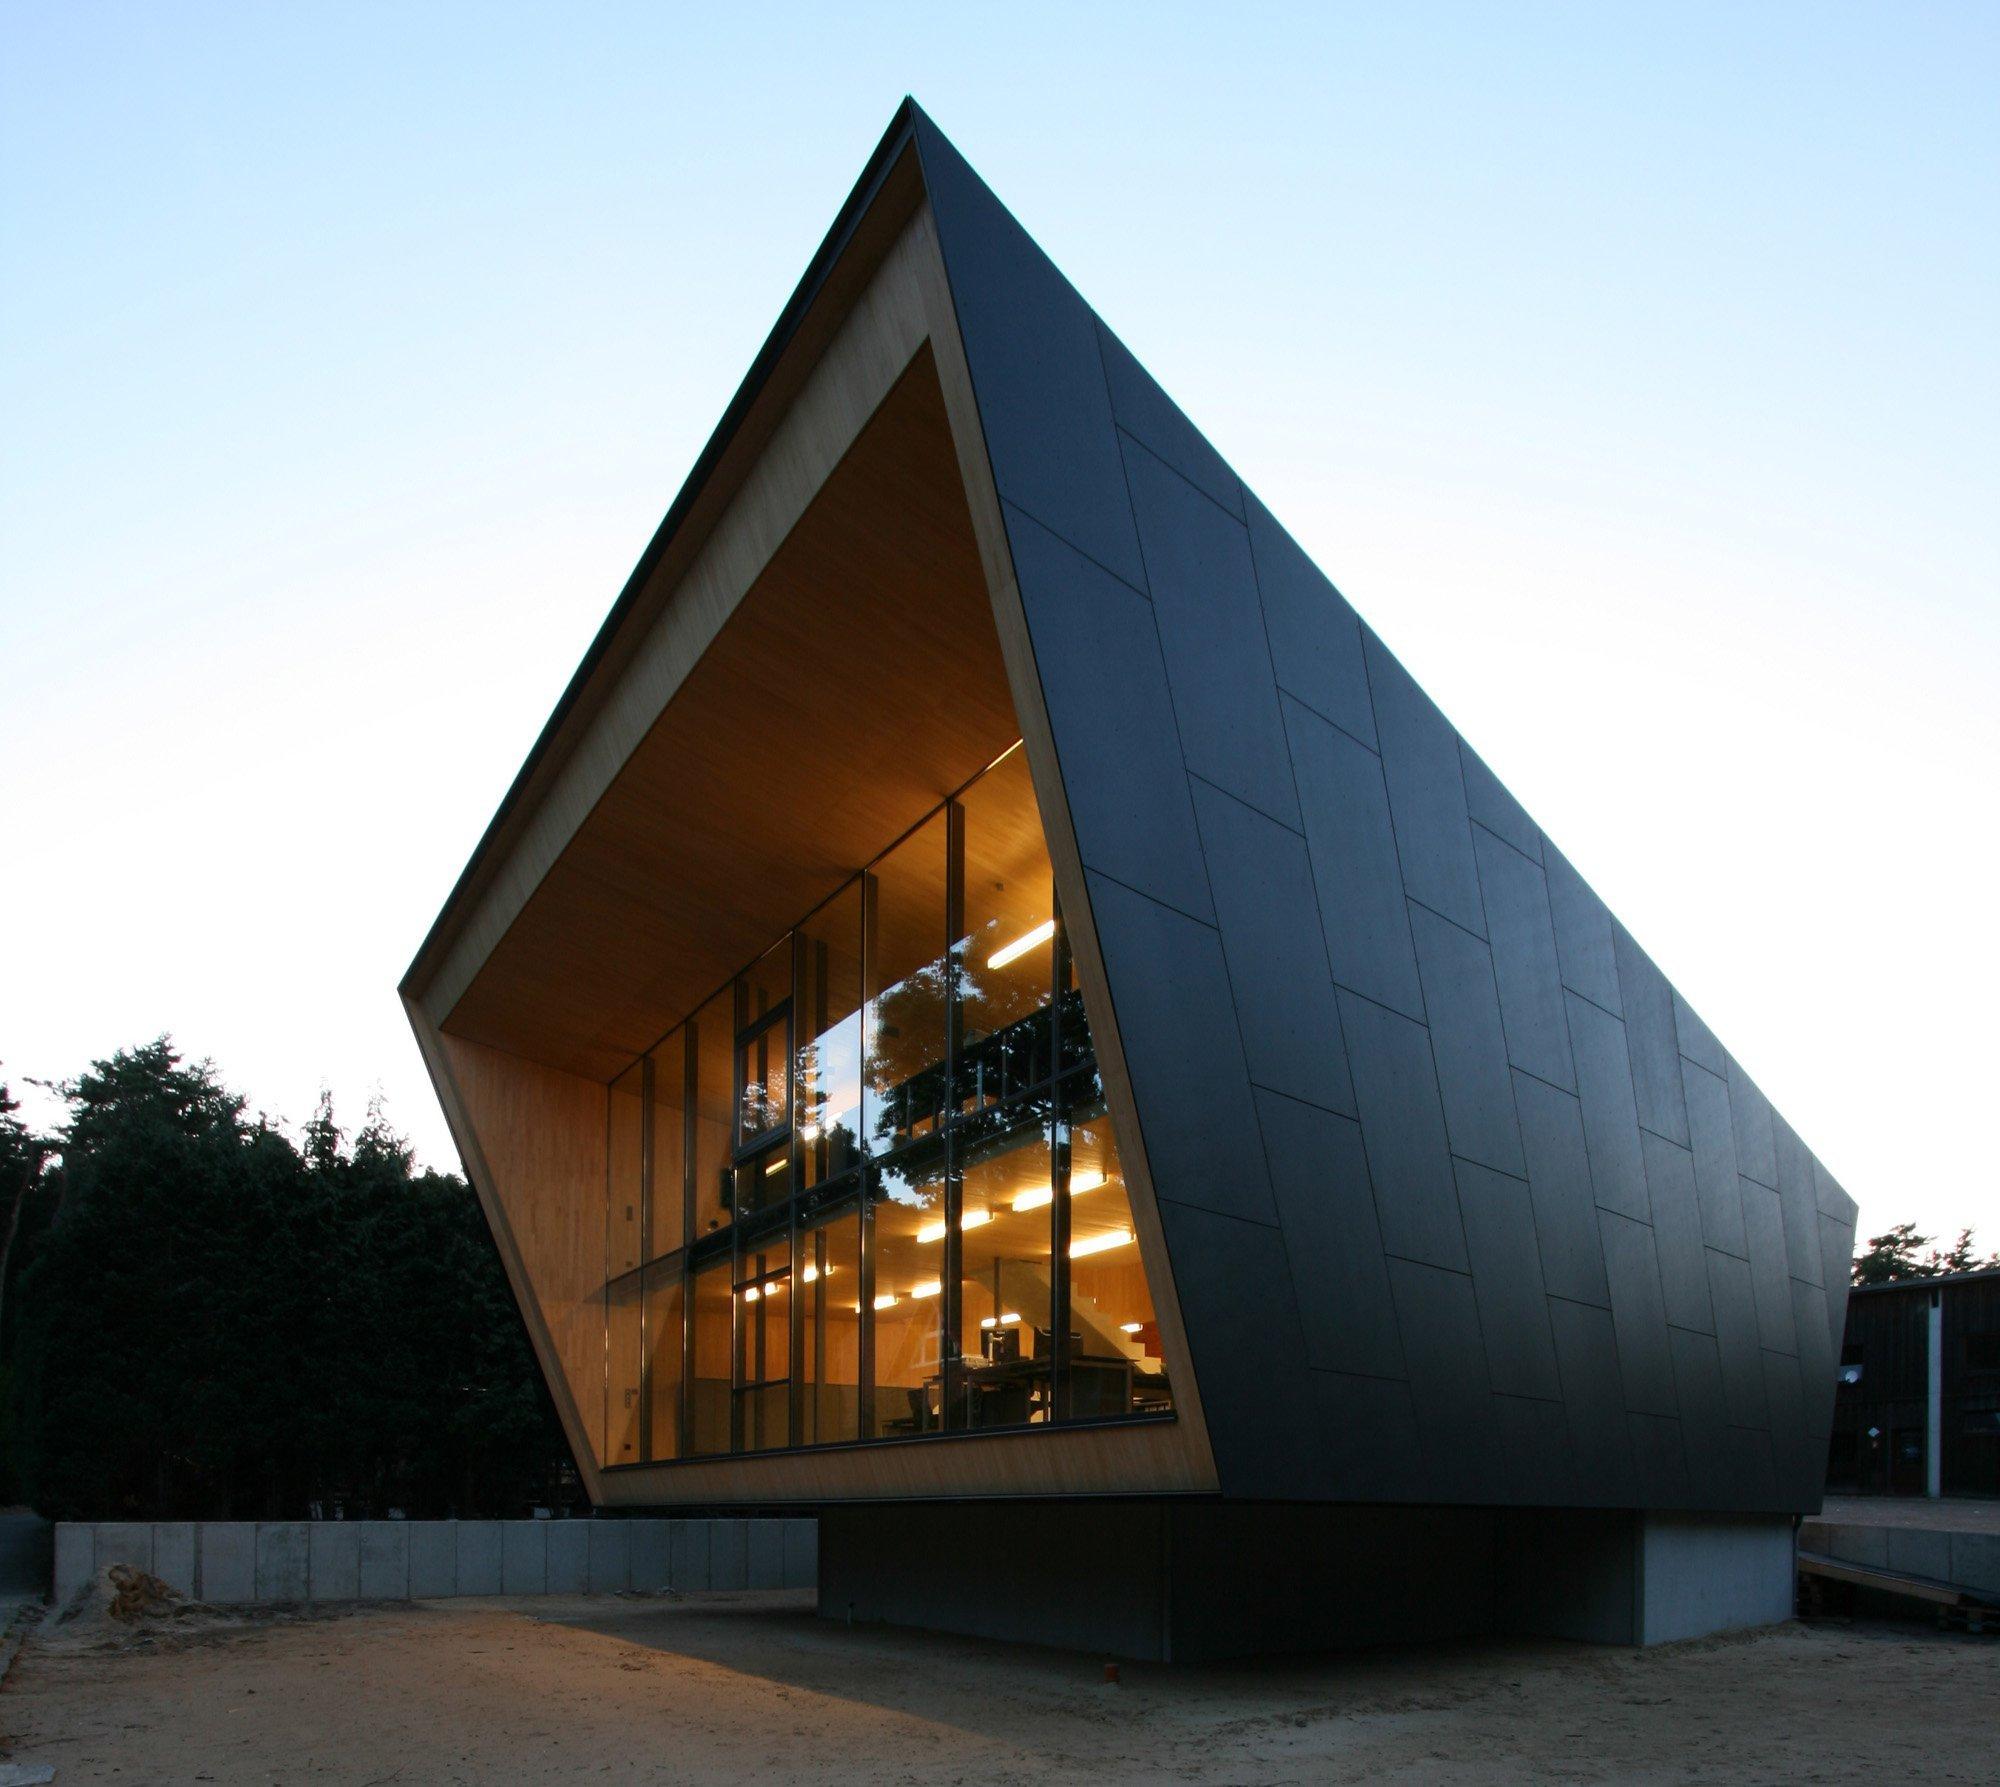 Gallery of interview krogmann headquarters despang architekten 11 - Despang architekten ...